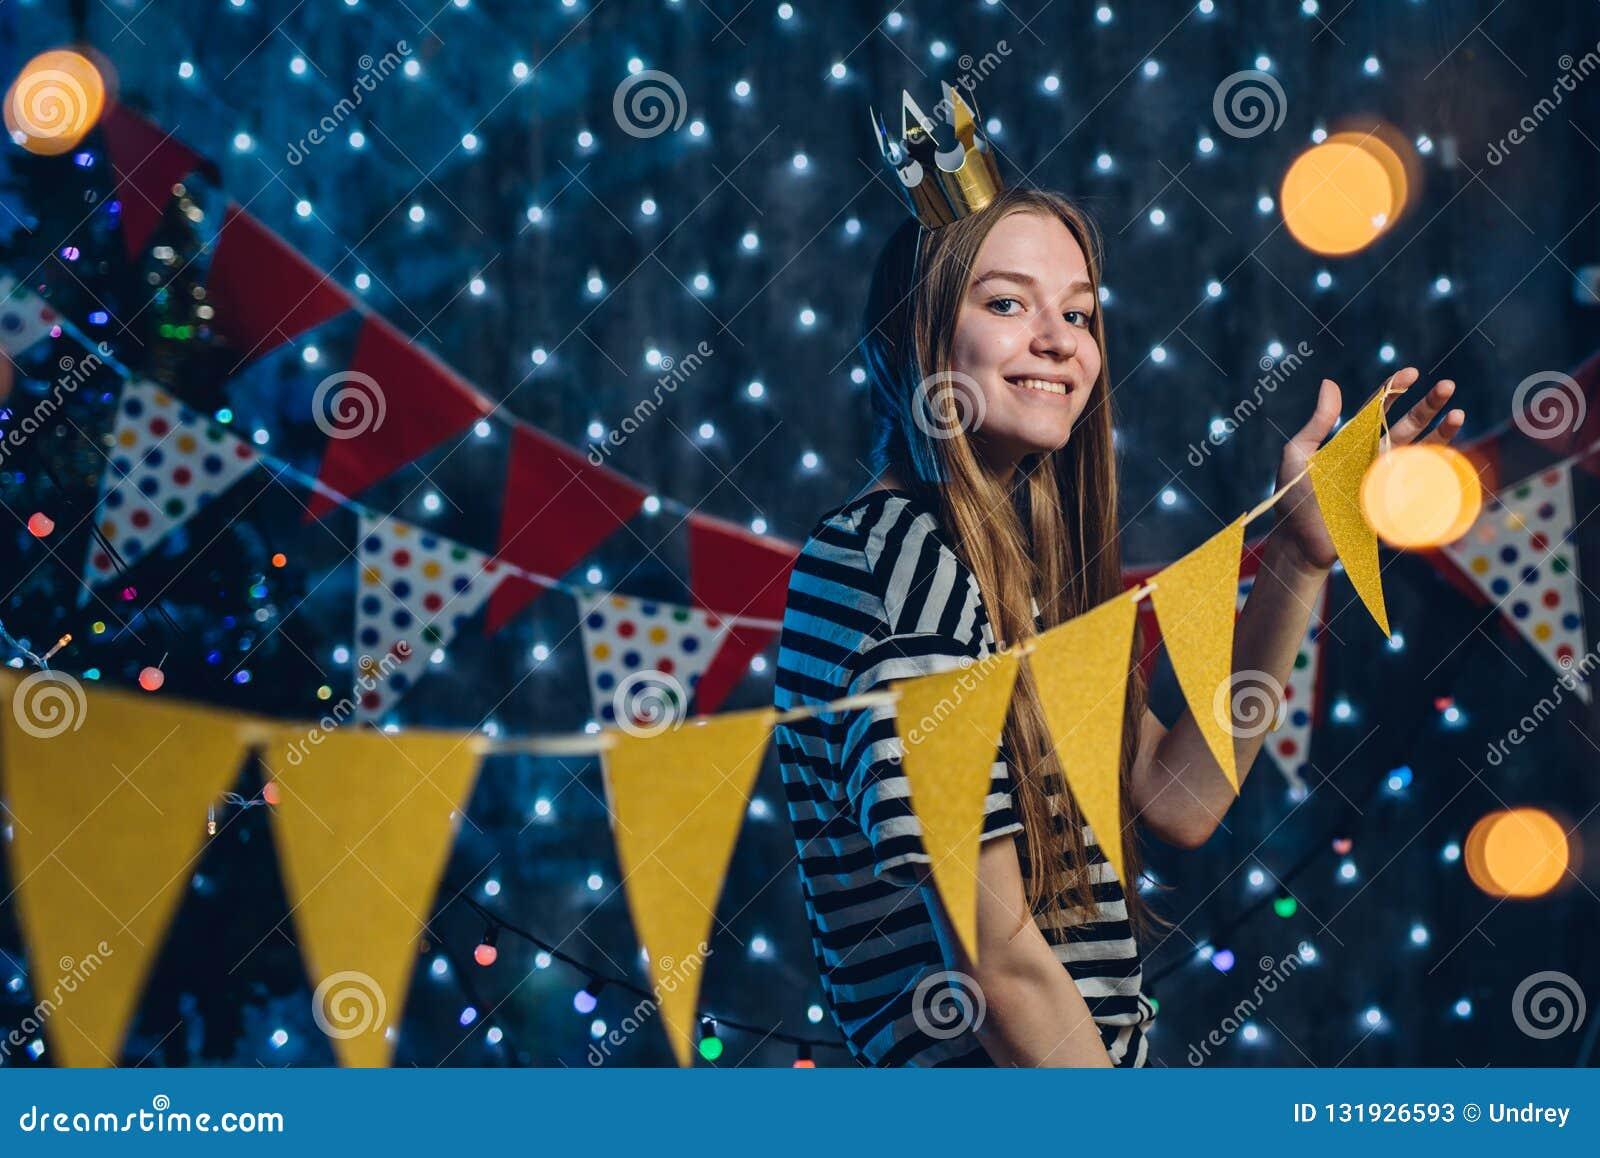 Młoda kobieta dekoruje izbowe flaga, girlandy przygotowywa dla świętowań bożych narodzeń